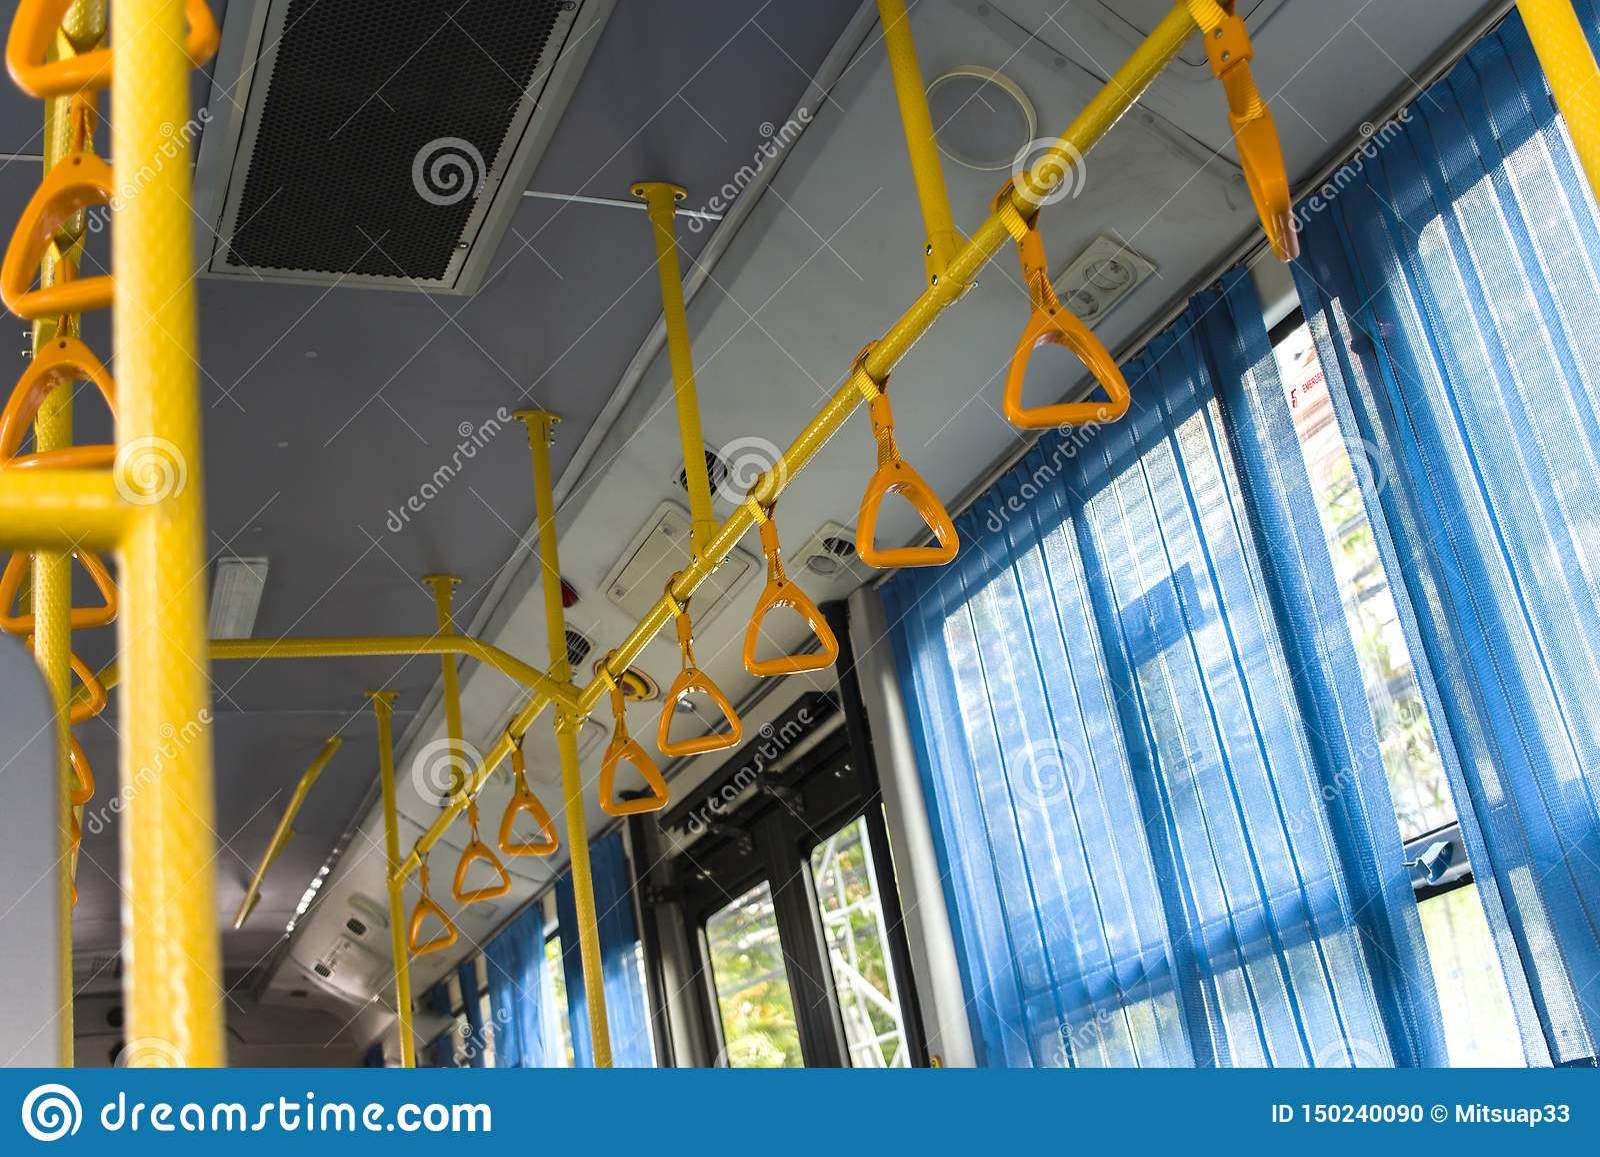 Punho de suspensão amarelo para passageiros de posição em um ônibus moderno Transporte suburbano e urbano